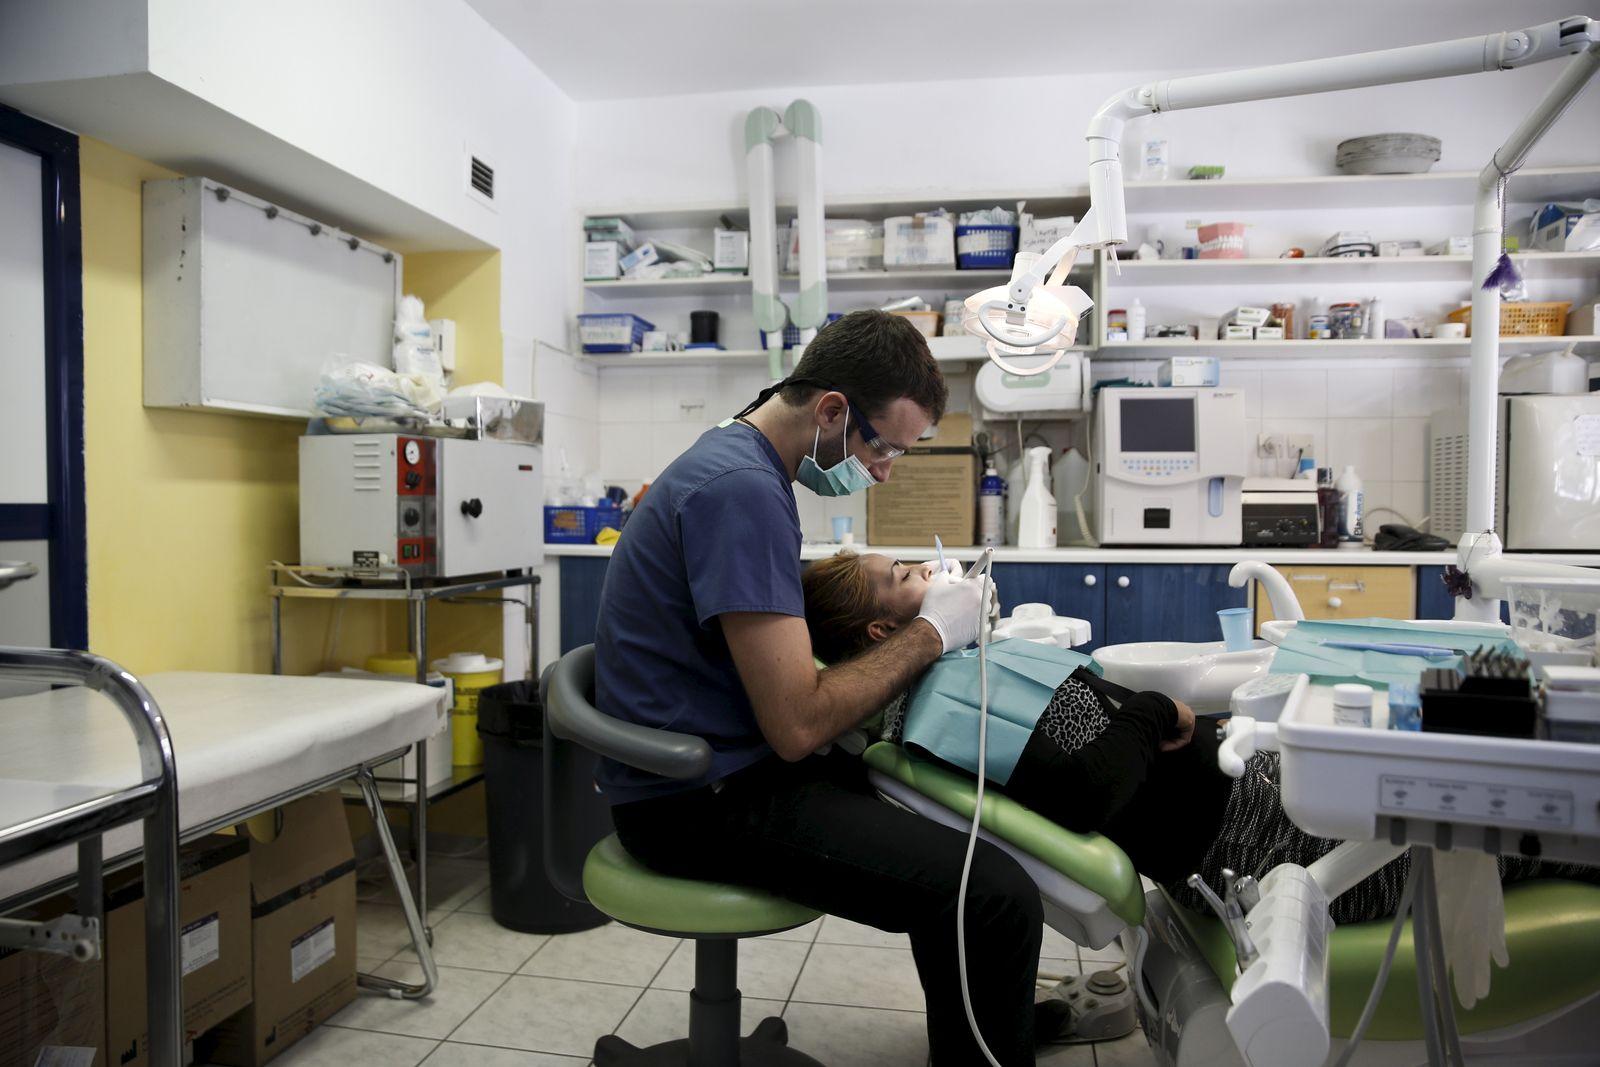 Griechenland / Gesundheit / Zahnärzte / Zahnarzt